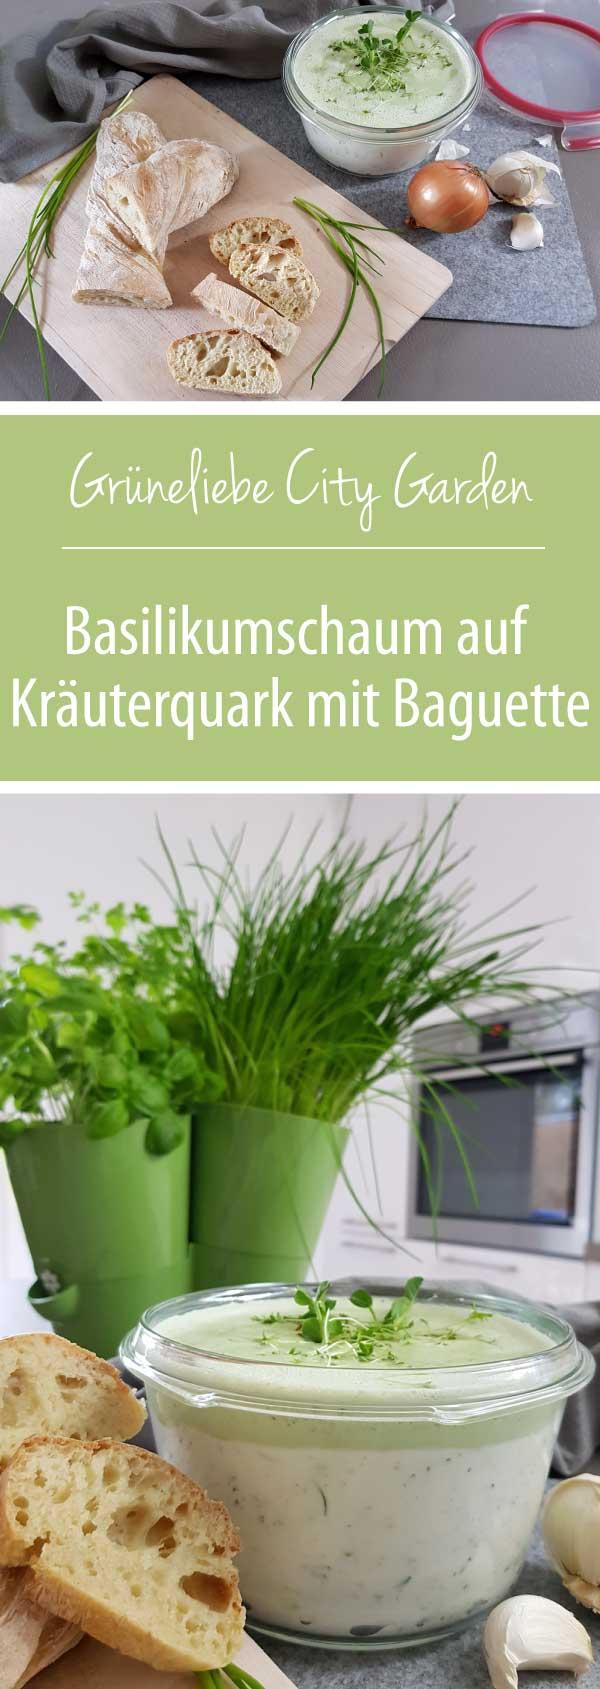 Basilikumschaum-aus-Kräuterquark-mit-Baguette